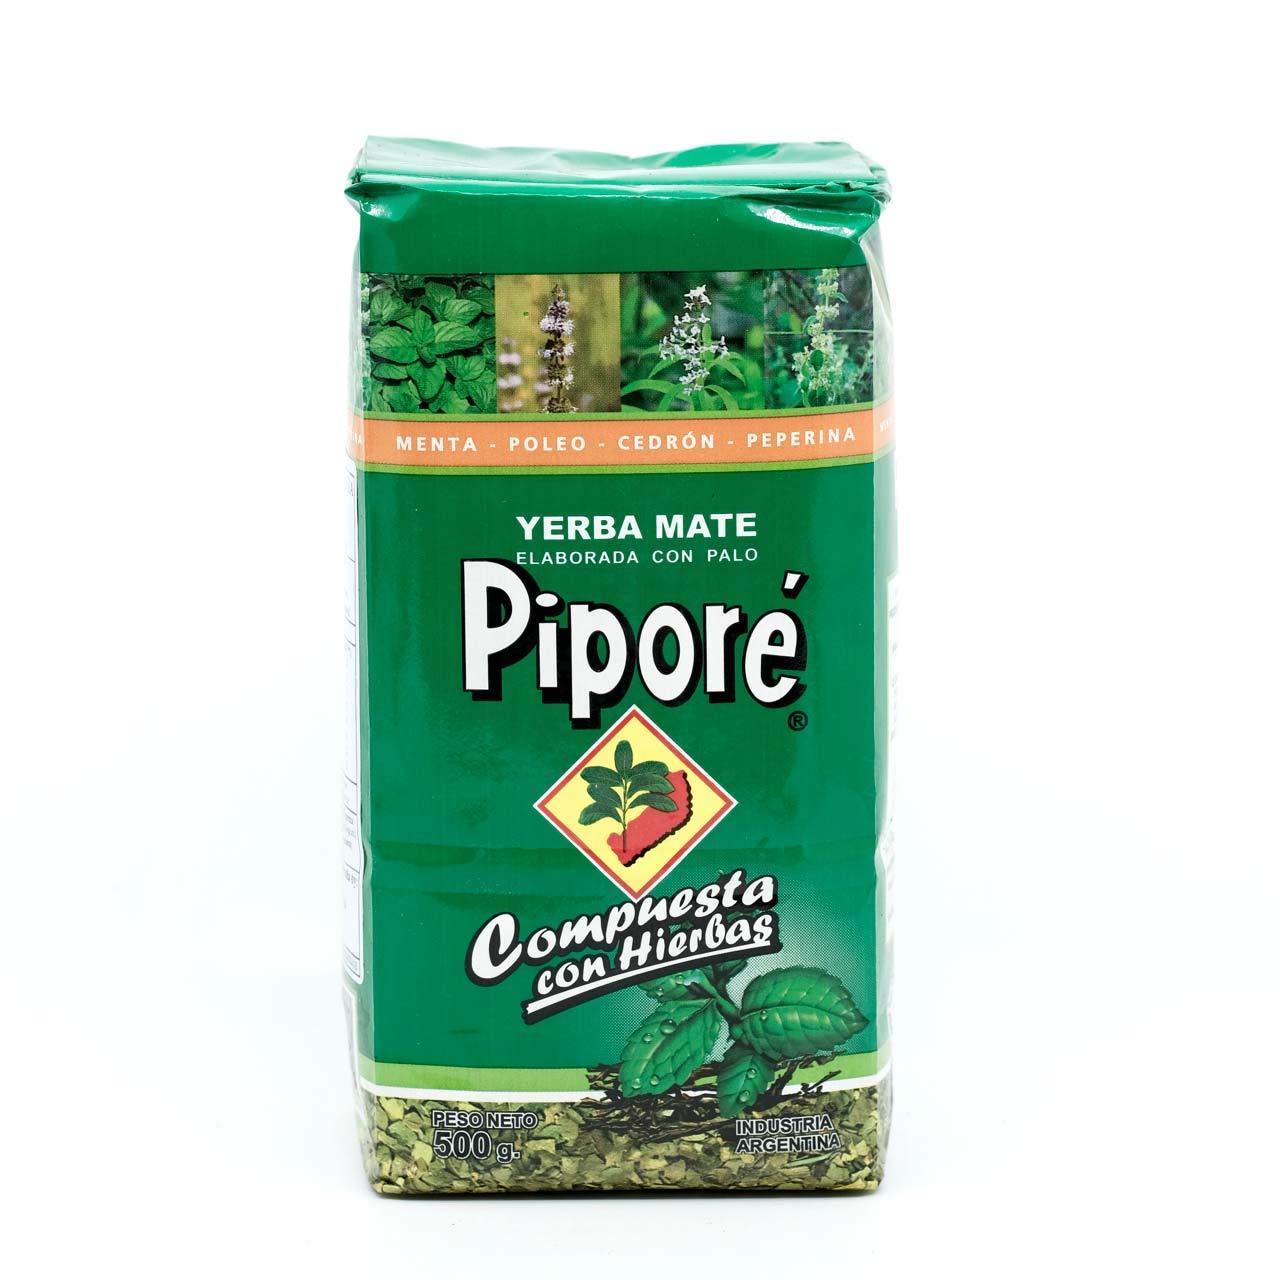 Yerba Mate Pipore Compuesta Mint/Lemon